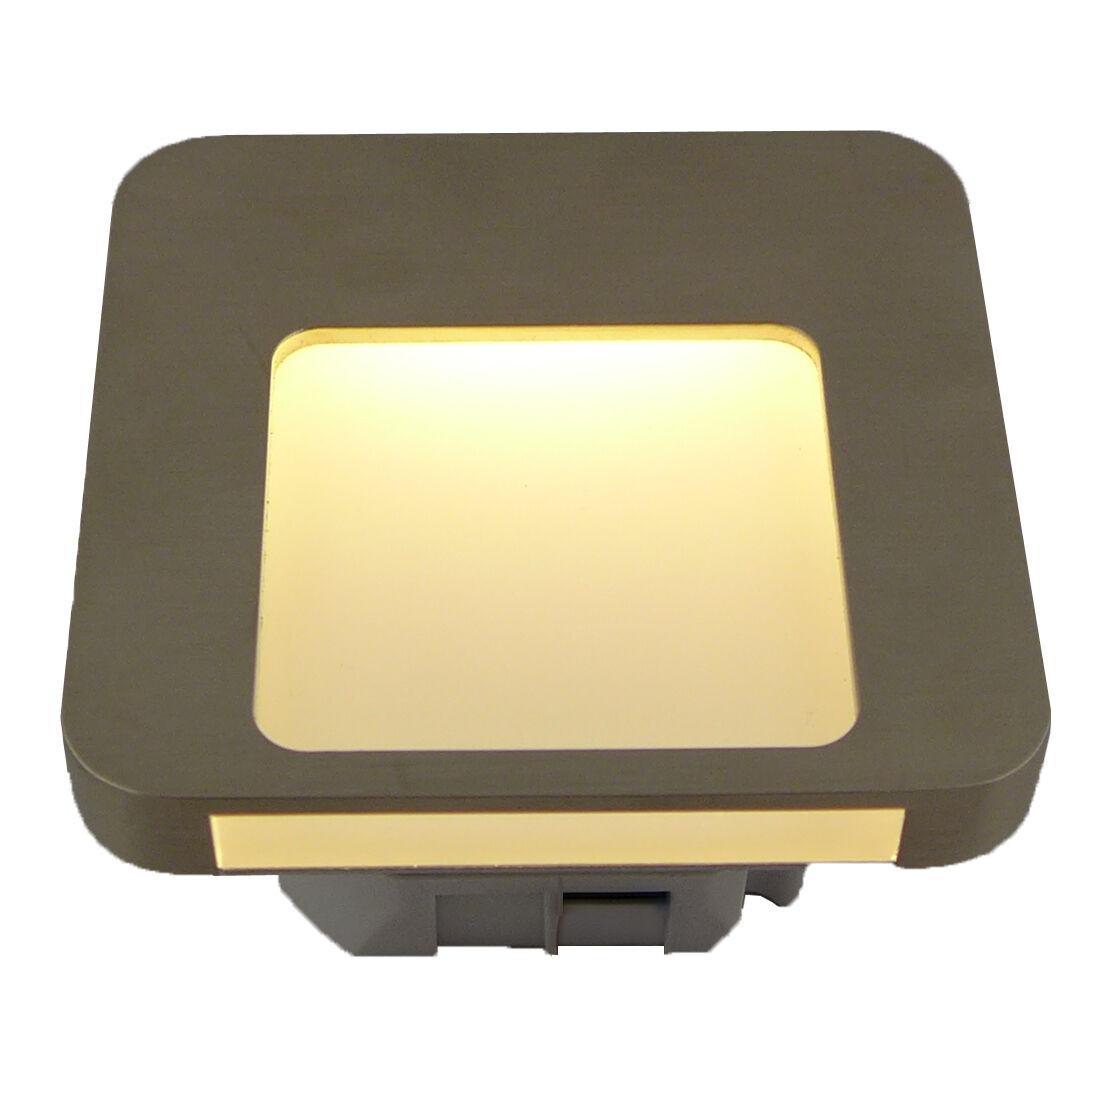 moza 230v edelstahl led treppenbeleuchtung wandbeleuchtung. Black Bedroom Furniture Sets. Home Design Ideas